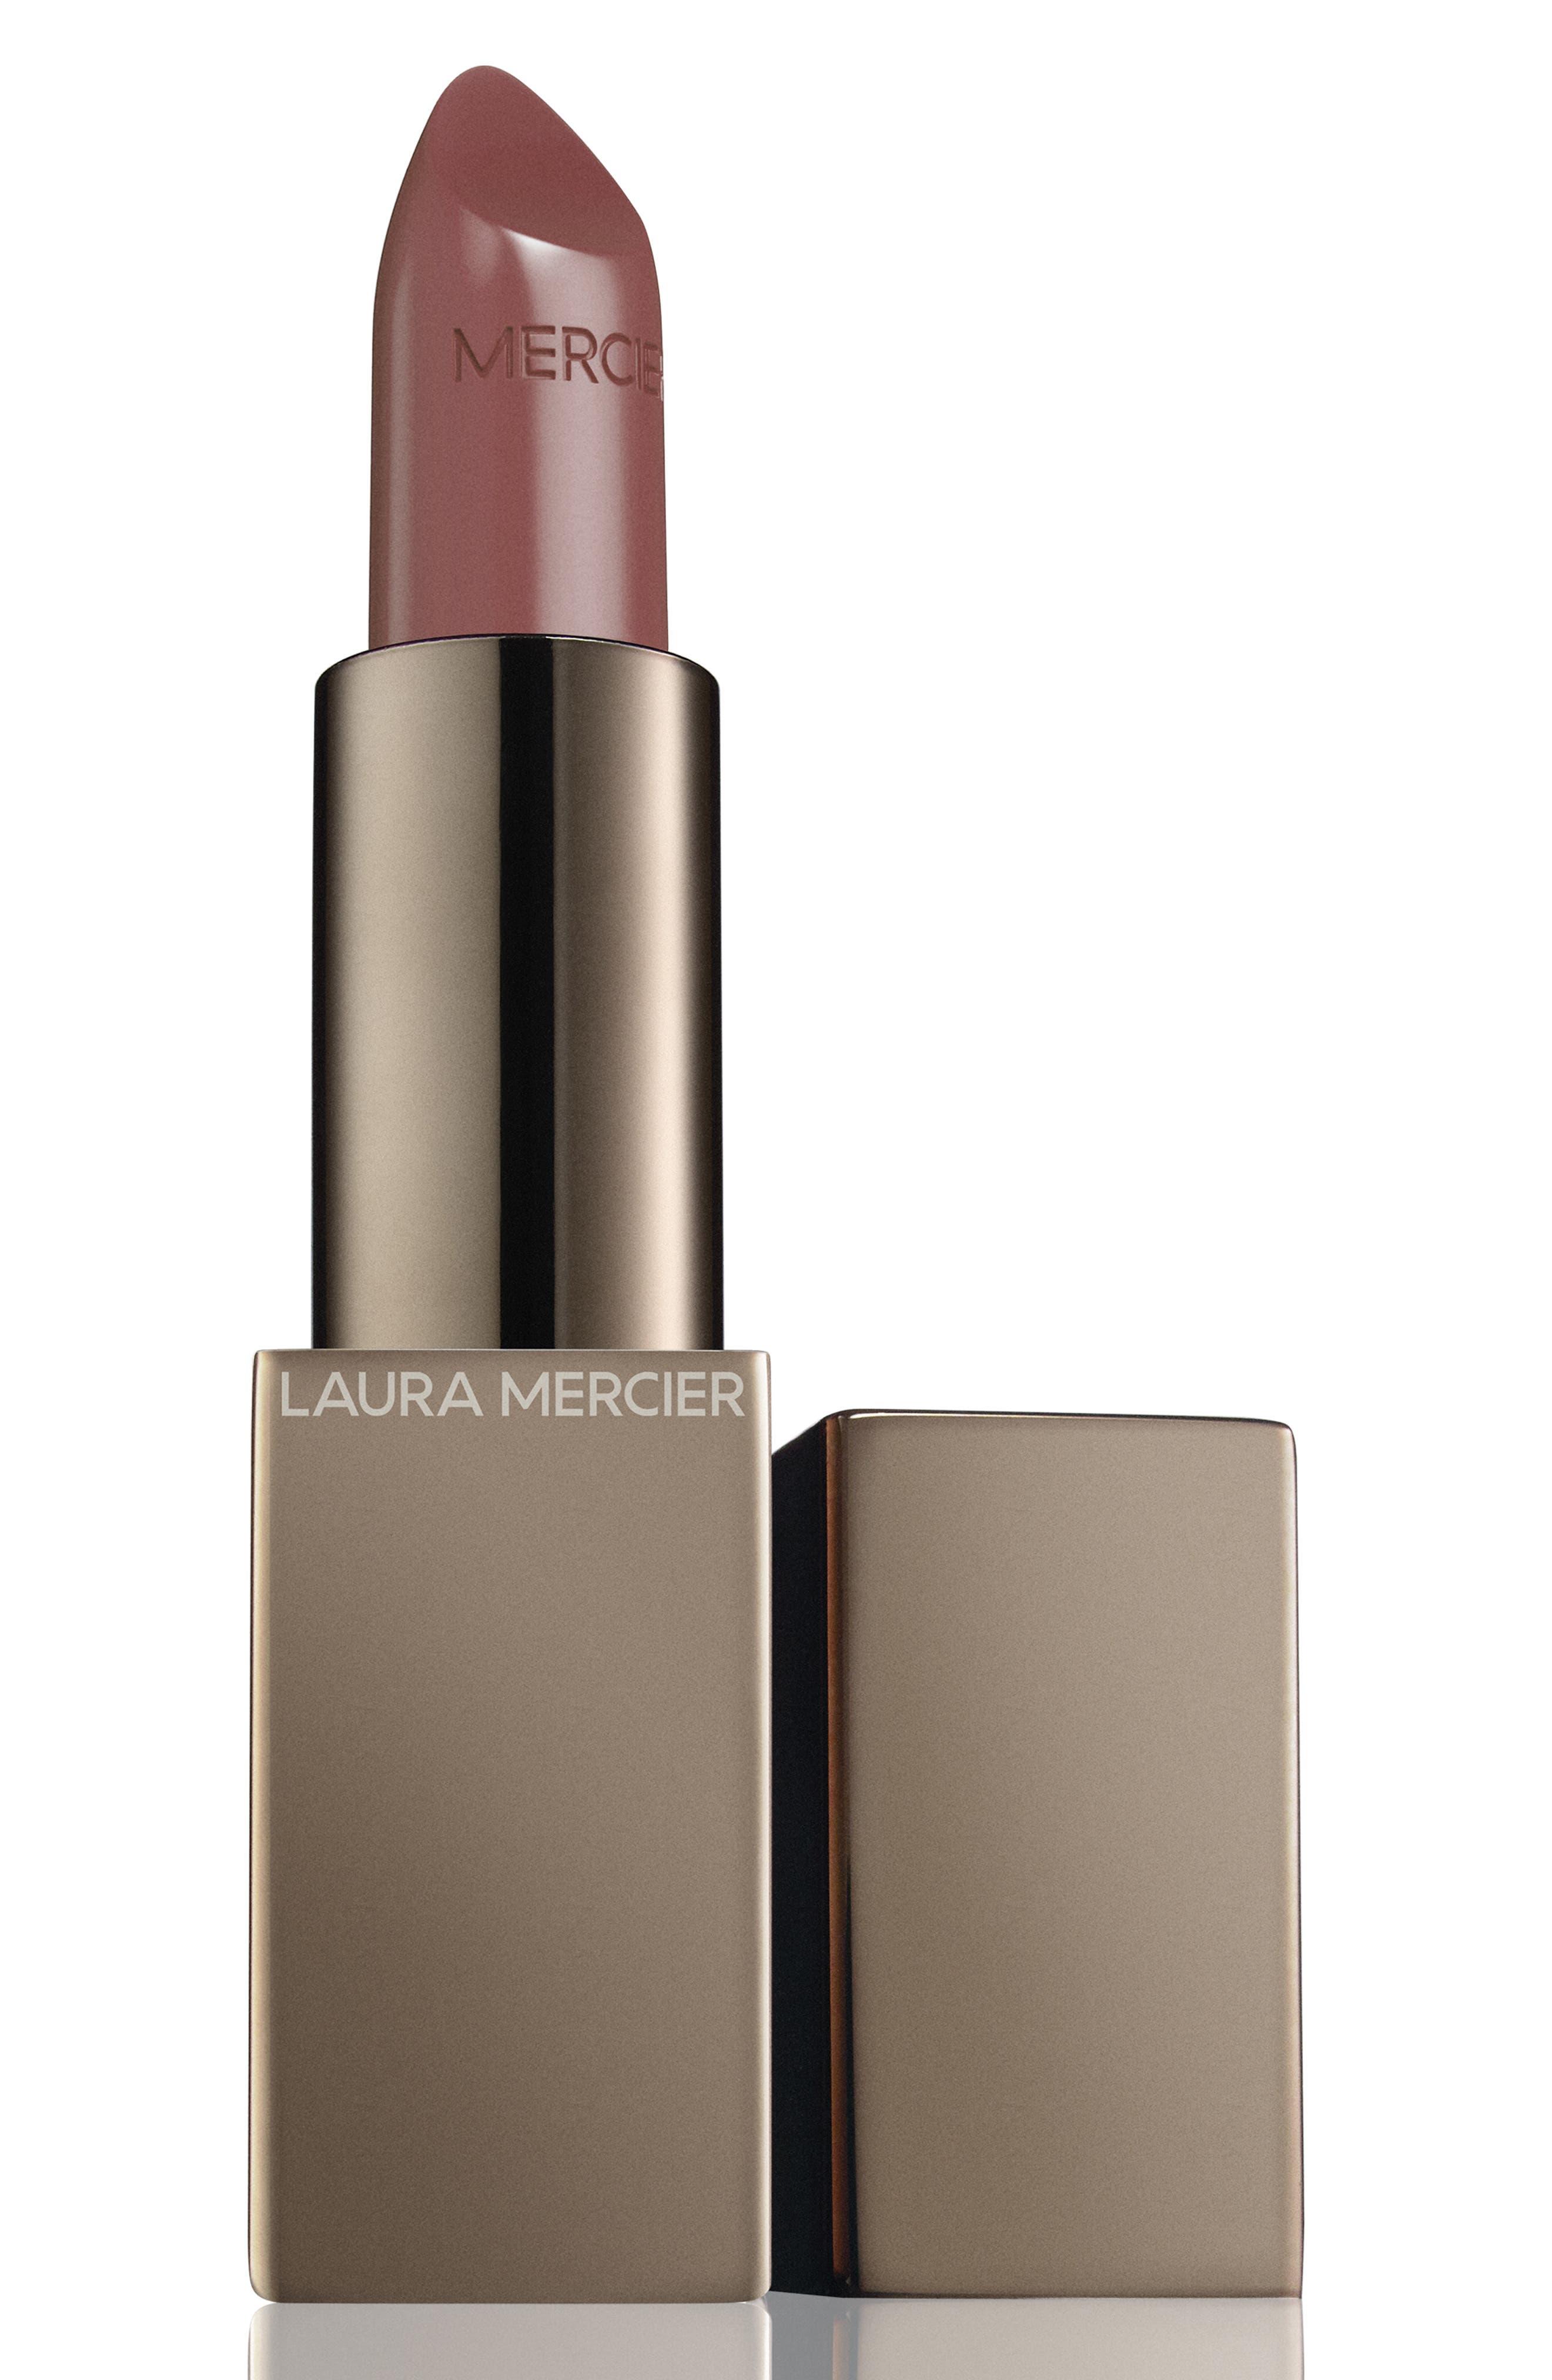 LAURA MERCIER, Rouge Essentiel Silky Crème Lipstick, Main thumbnail 1, color, BEIGE INTIME